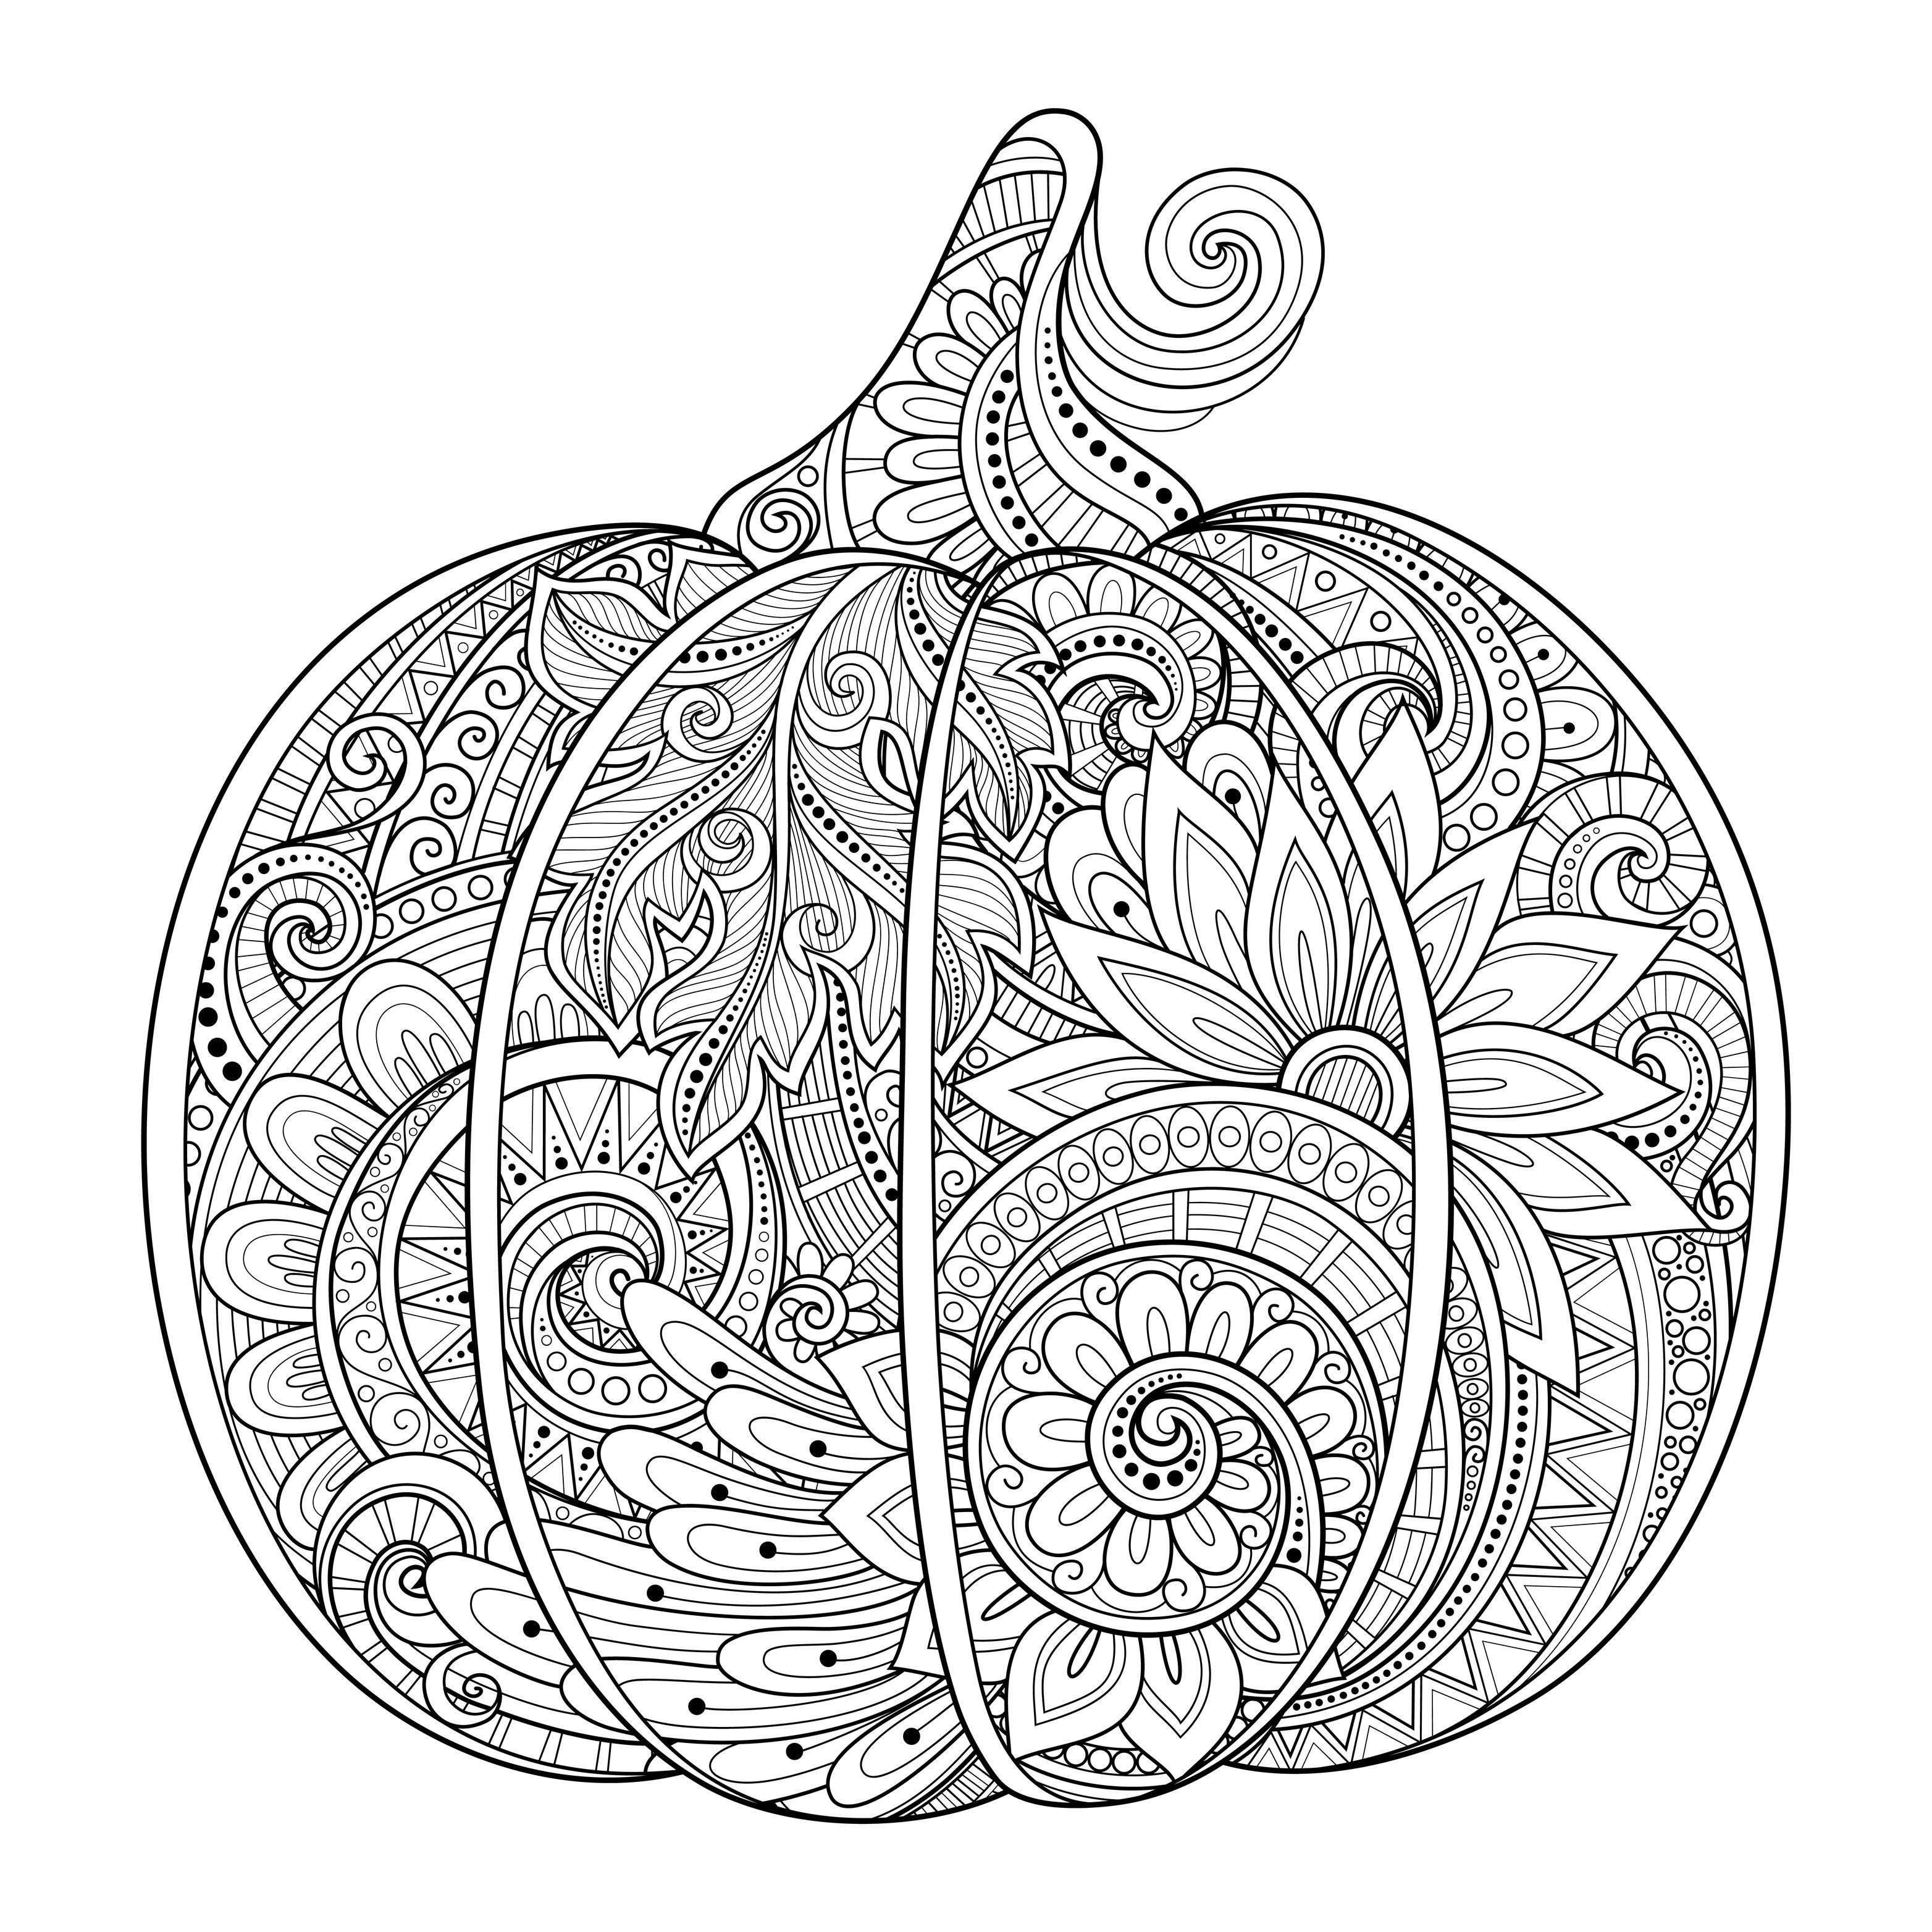 Halloween Pumpkin Coloring Pages Printables Halloween Pumpkin Zentangle Source 123rf Irinarivoruchko Zentangle